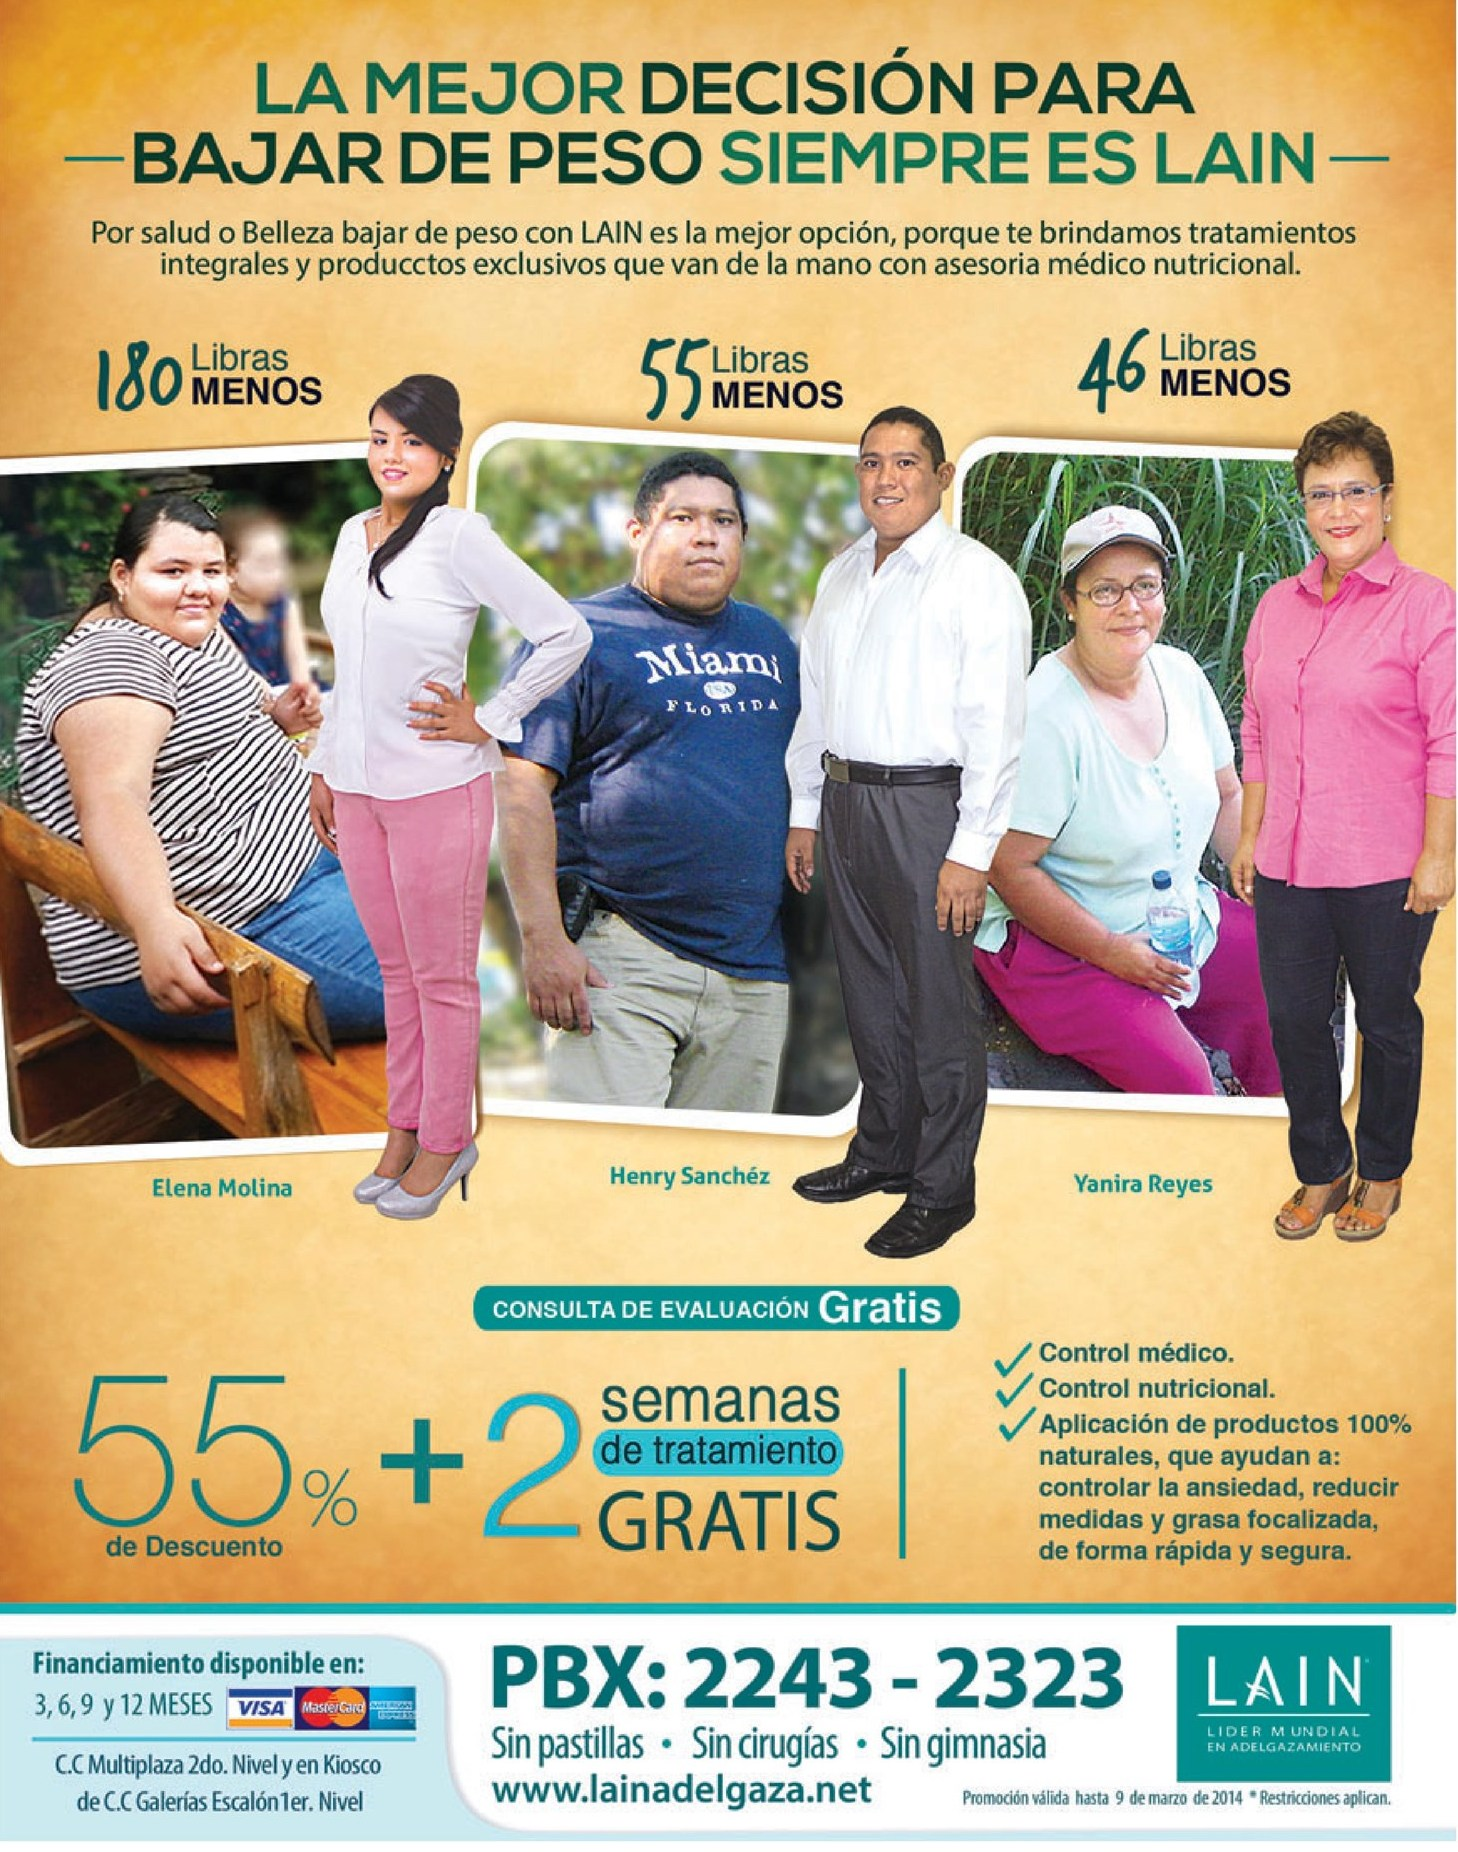 Bajar de peso en 10 dias 5 kilos mujeres